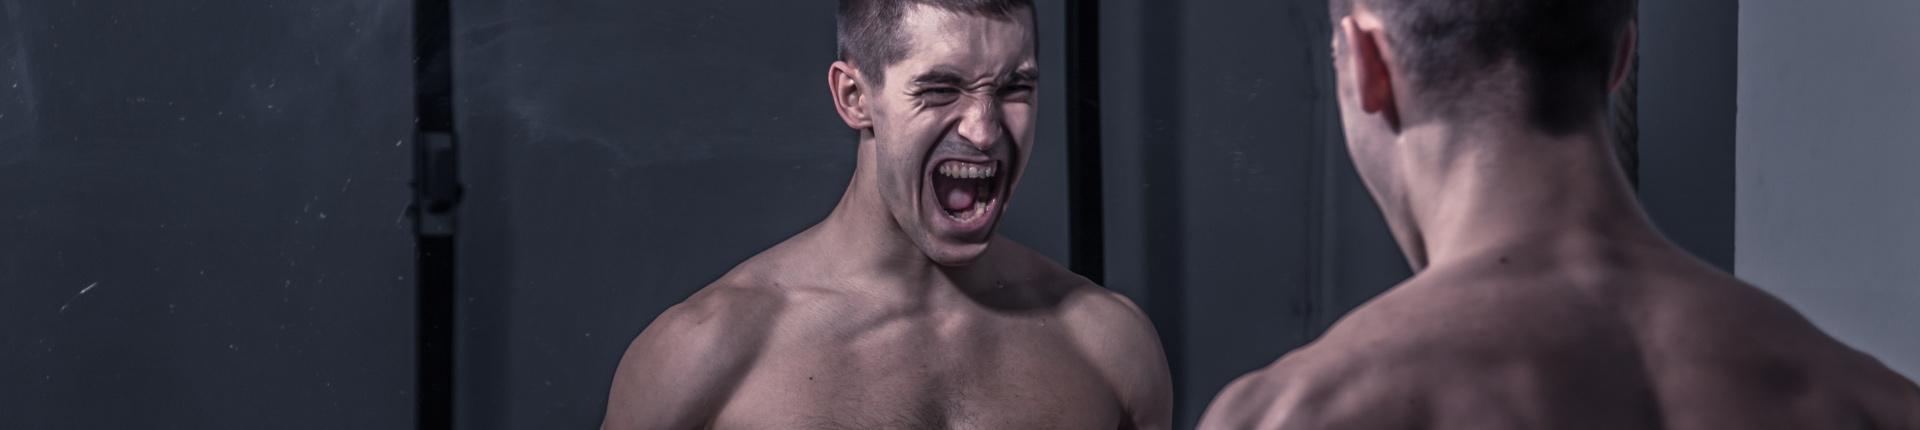 Zmień trening - zaszokuj mięśnie!